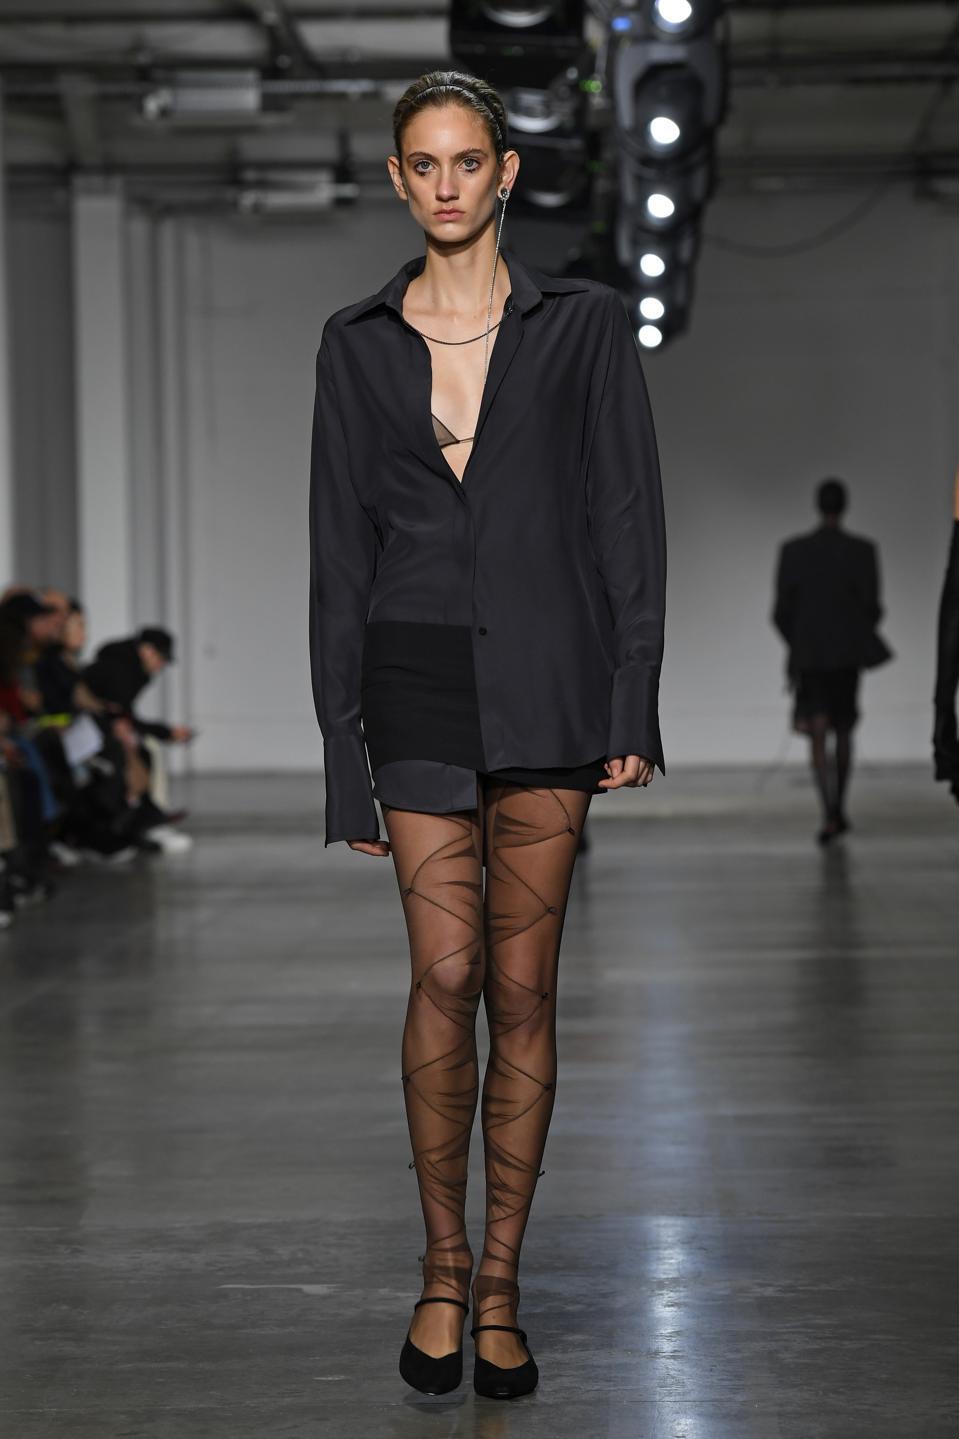 Fashion East - Runway - LFW February 2020